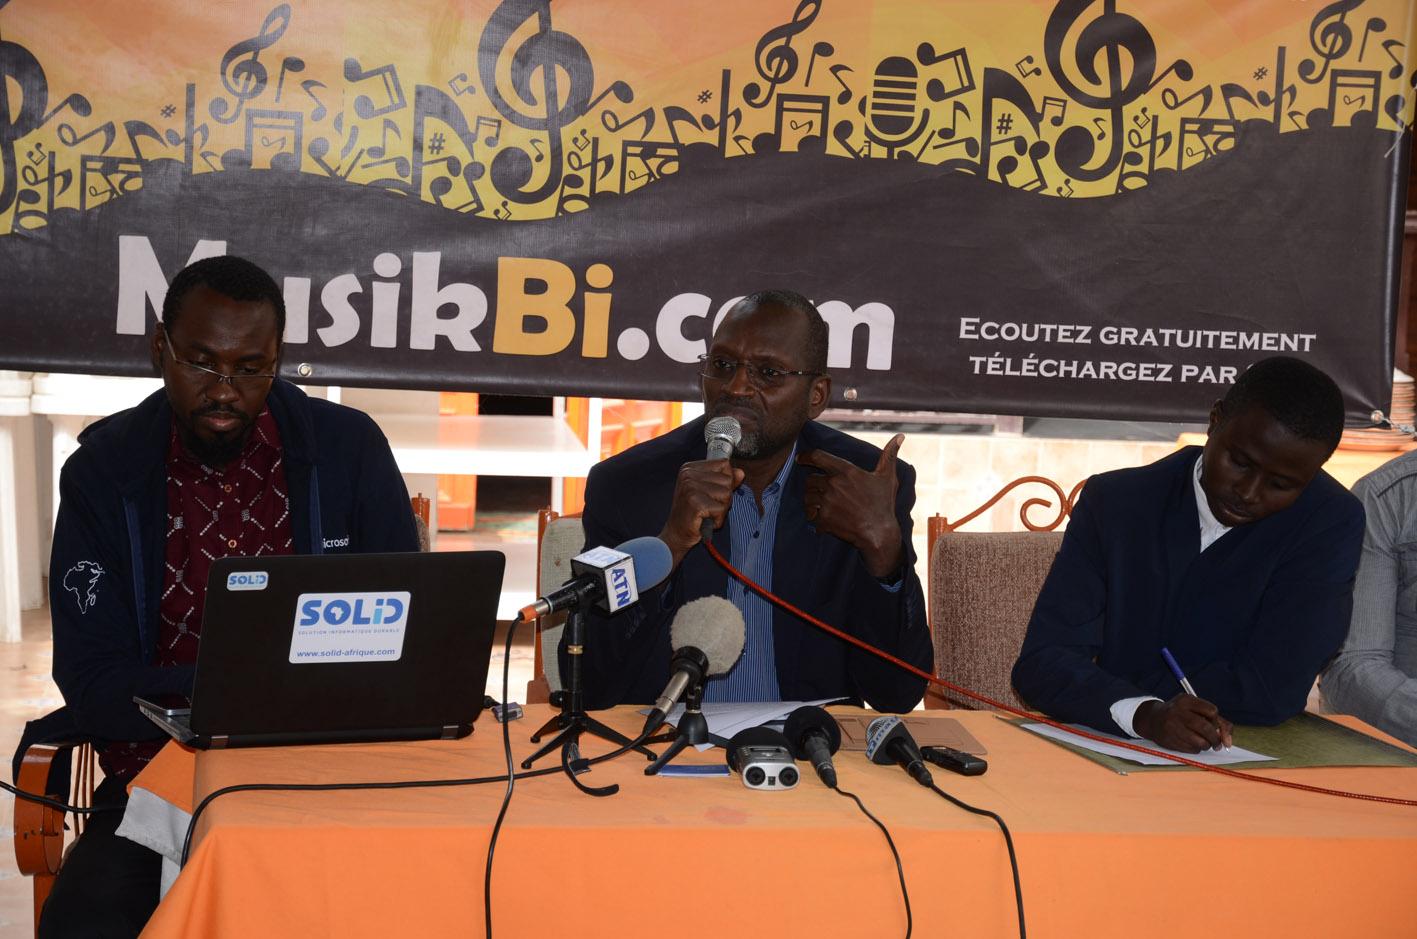 Musik Bi : Une nouvelle plateforme pour la promotion des artistes